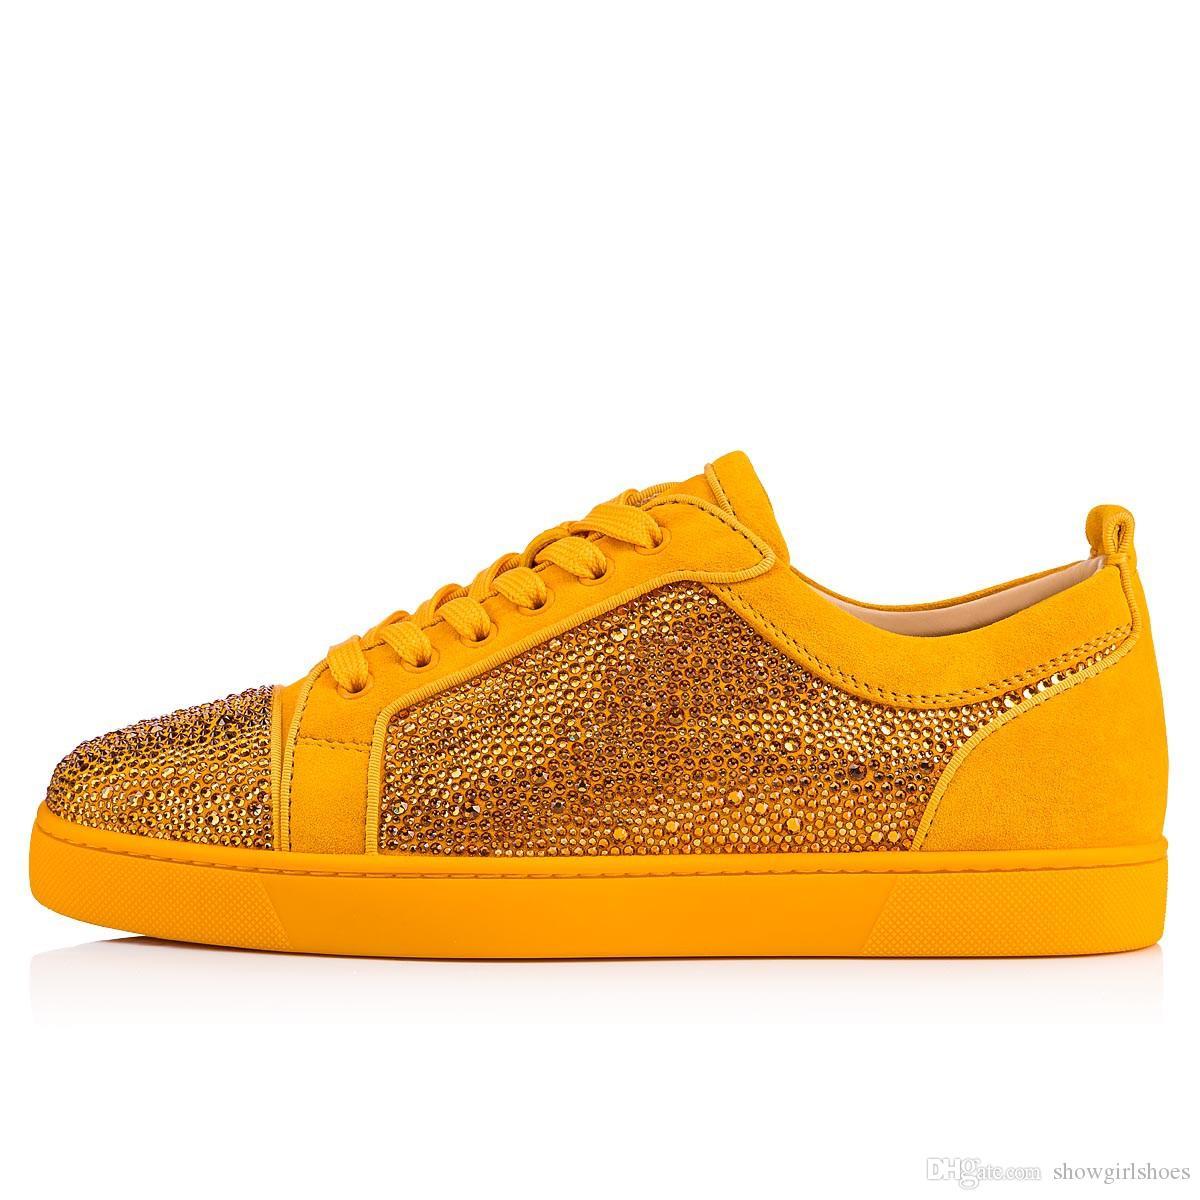 2018 uomini di marca scarpa strass stud sneakers rosso suola uomo scarpe glitter scarpe da festa lace up scarpe da tennis diamante fondo rosso scarpe casual